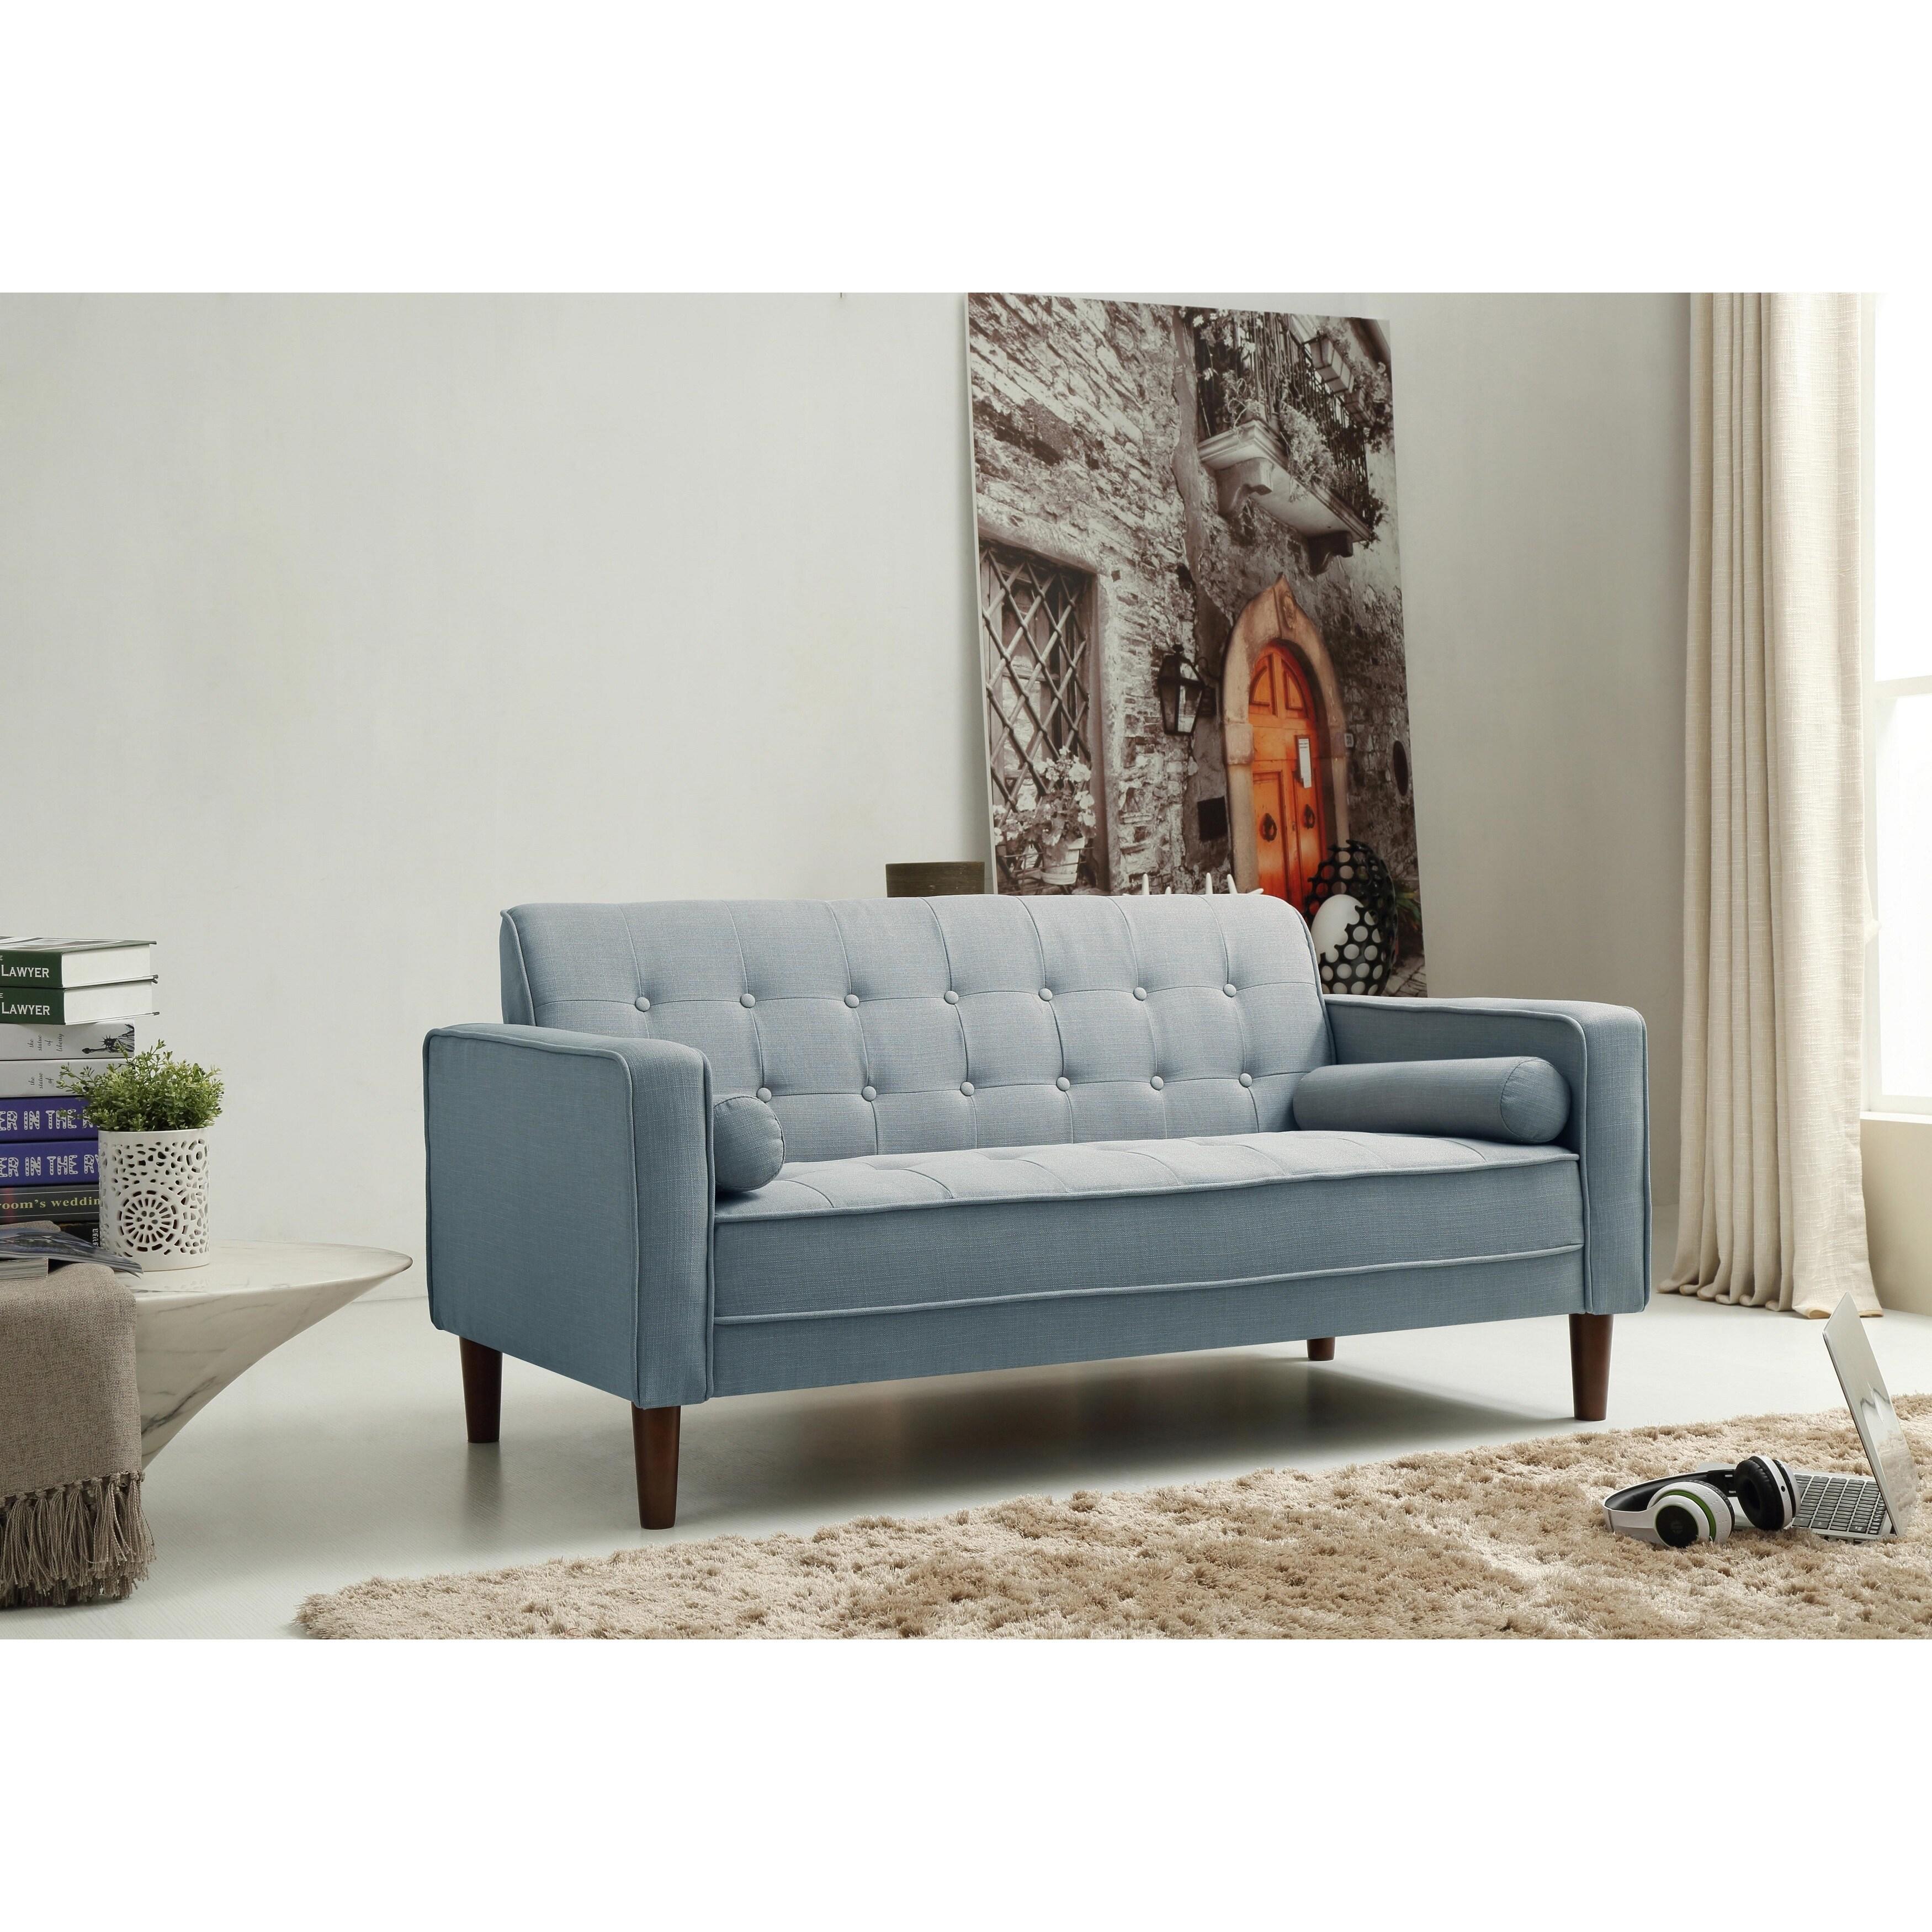 Nathaniel Home Nolan Tufted Blue Linen Sofa